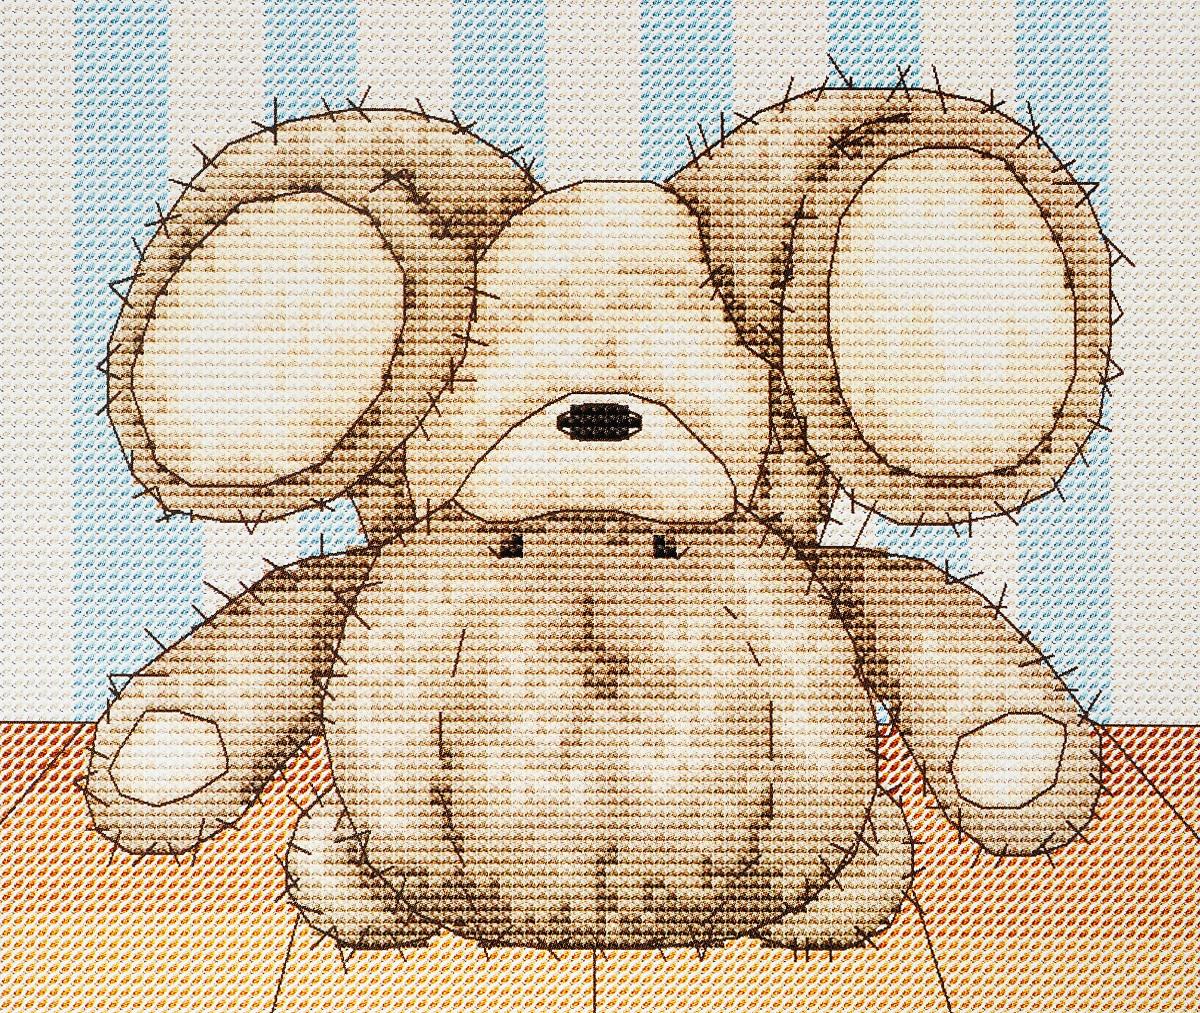 Набор для вышивания крестом Luca-S Медвежонок Бруно, 17,5 х 14,5 смB1084Набор для вышивания крестом Luca-S Медвежонок Бруно поможет создать красивую вышитую картину. Рисунок-вышивка, выполненный на канве, выглядит стильно и модно. Вышивание отвлечет вас от повседневных забот и превратится в увлекательное занятие! Работа, сделанная своими руками, не только украсит интерьер дома, придав ему уют и оригинальность, но и будет отличным подарком для друзей и близких! Набор содержит все необходимые материалы для вышивки на канве в технике счетный крест. В набор входит: - канва Aida 16 Zweigart (белого цвета), - нитки мулине Anchor - 100% мерсеризованный хлопок (13 цветов), - черно-белая символьная схема, - инструкция на русском языке, - игла.